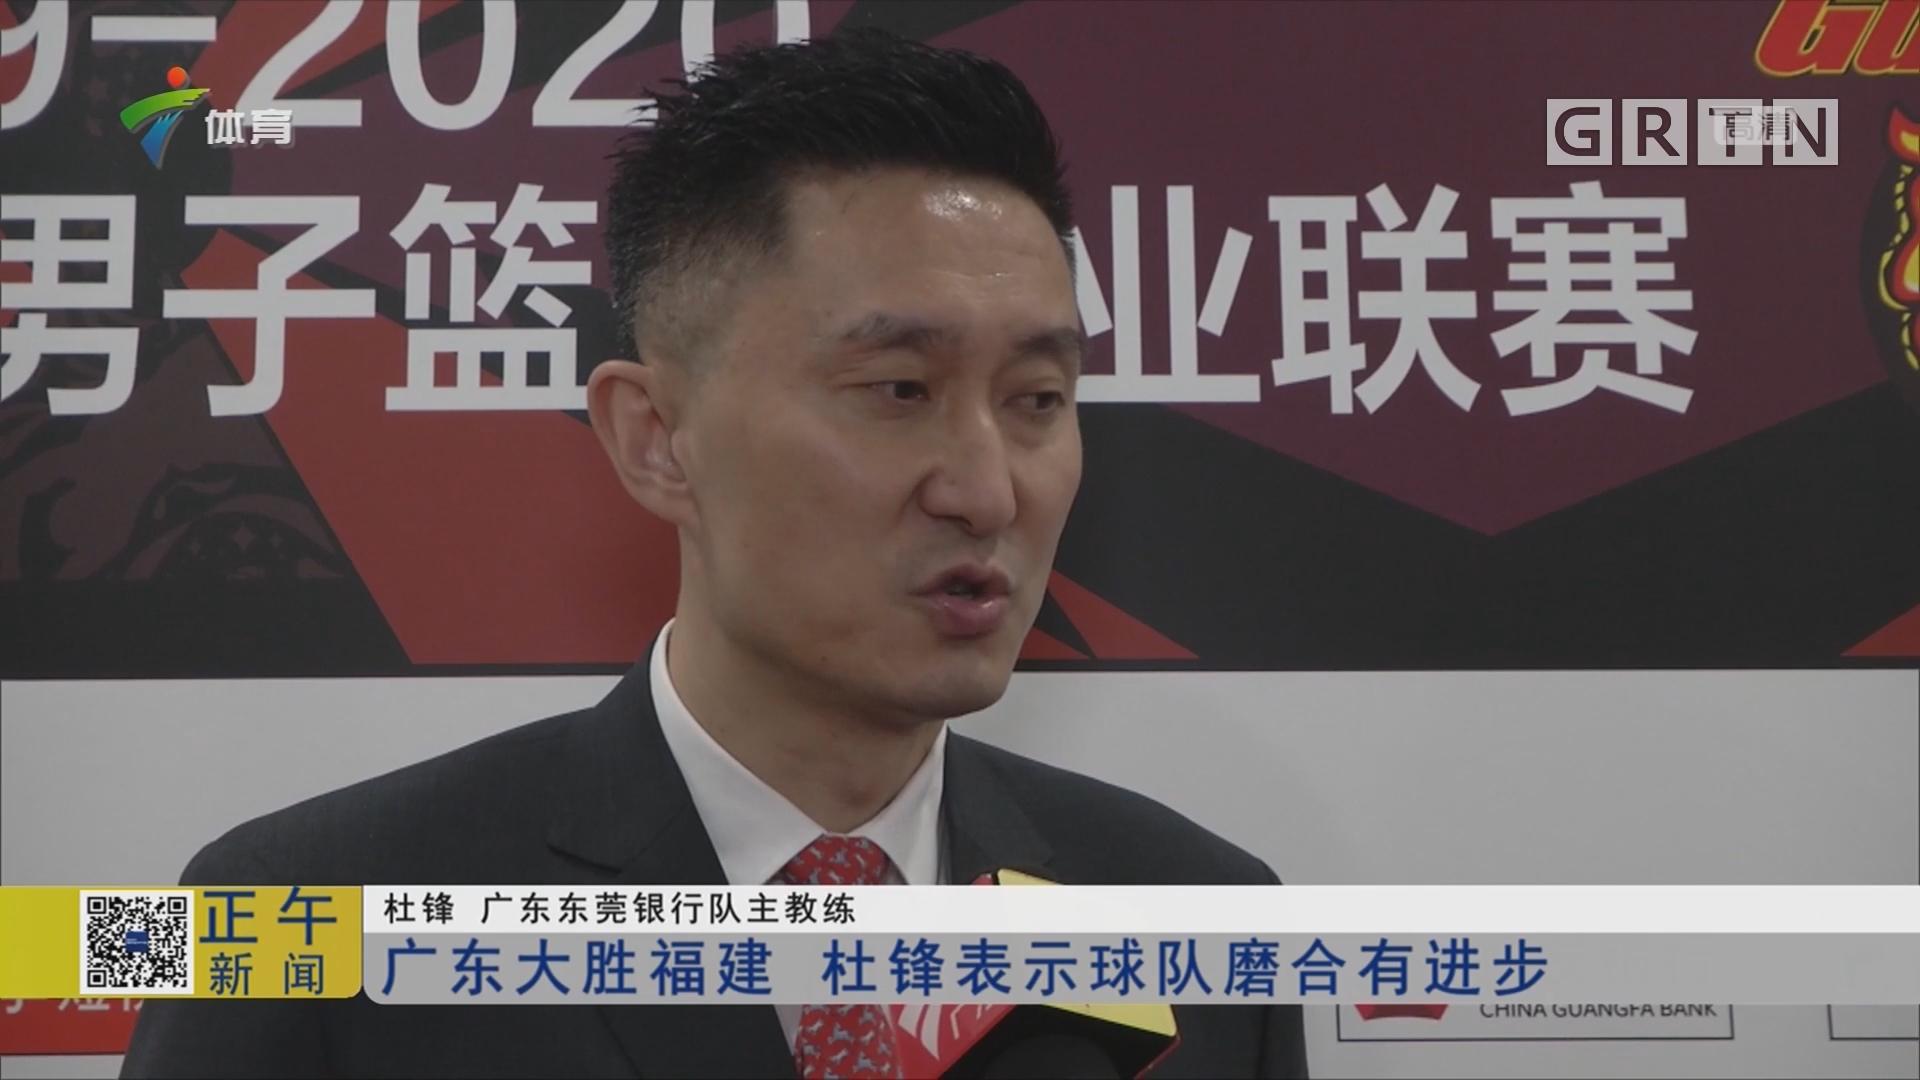 广东大胜福建 杜锋表示球队磨合有进步